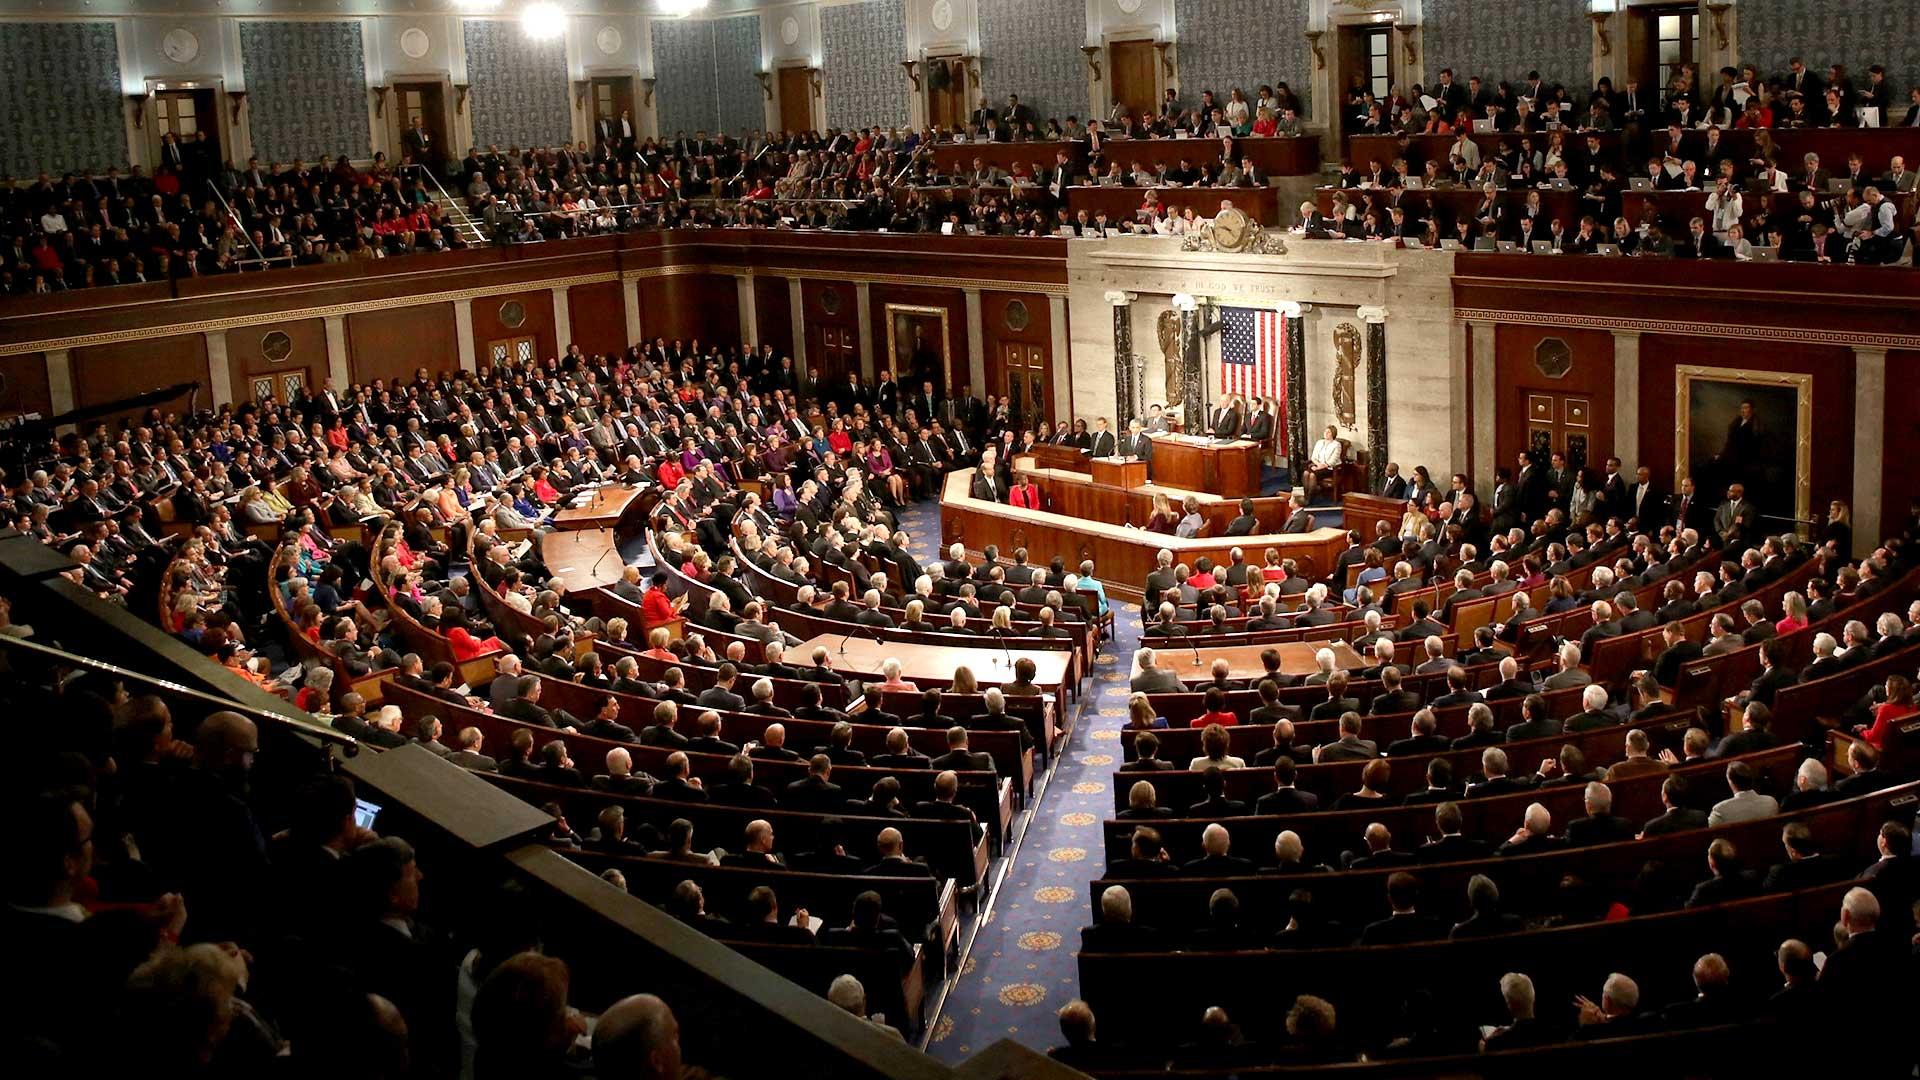 Congreso de Estados Unidos (Getty Images)